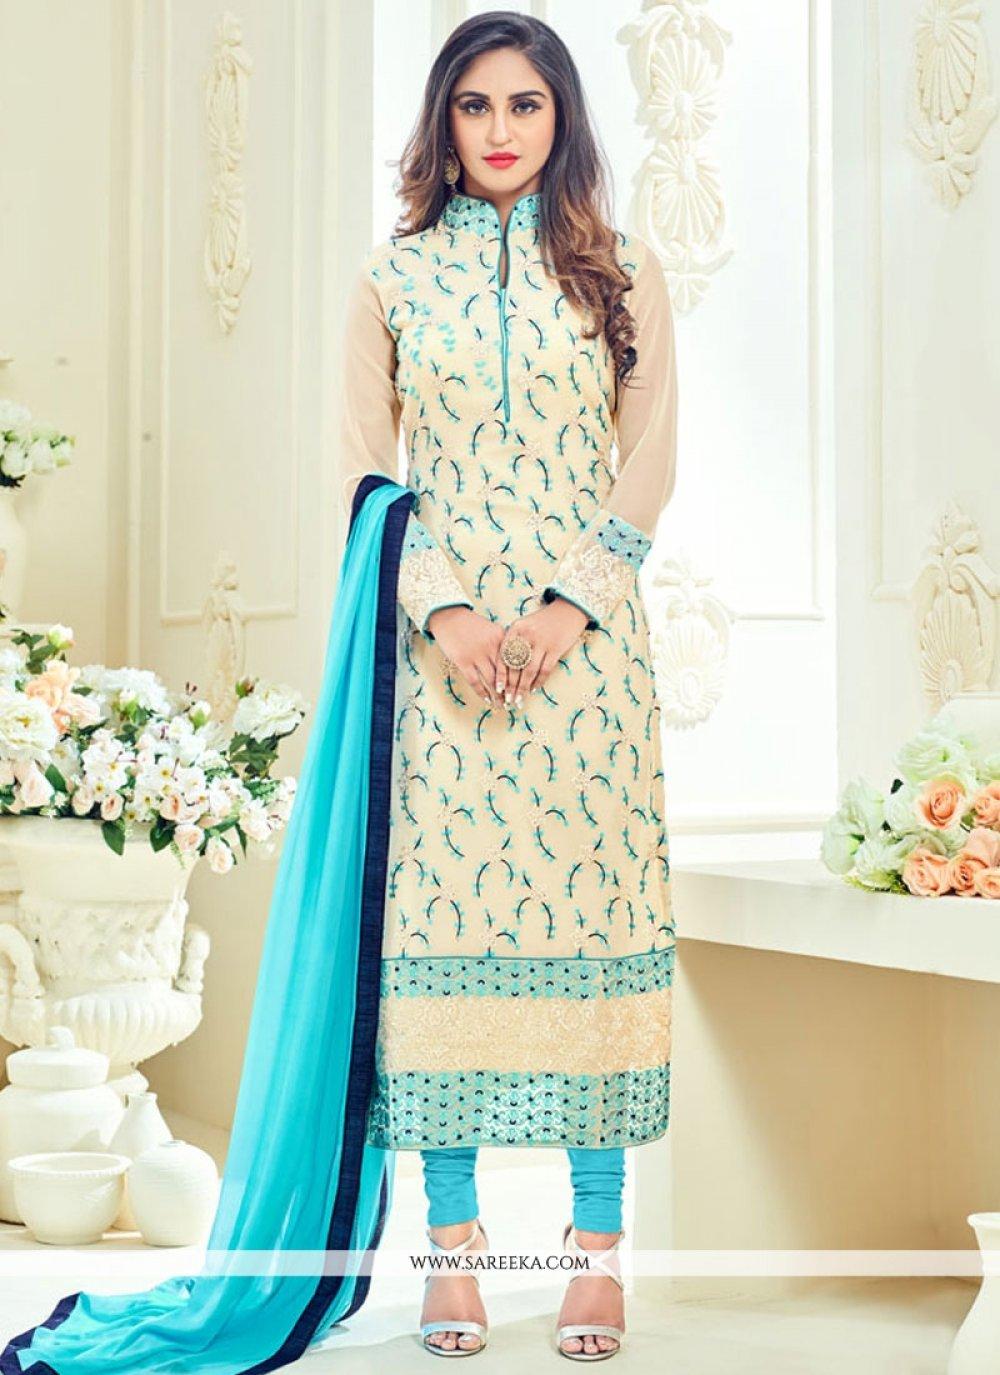 Krystle Dsouza Lace Work Churidar Designer Suit